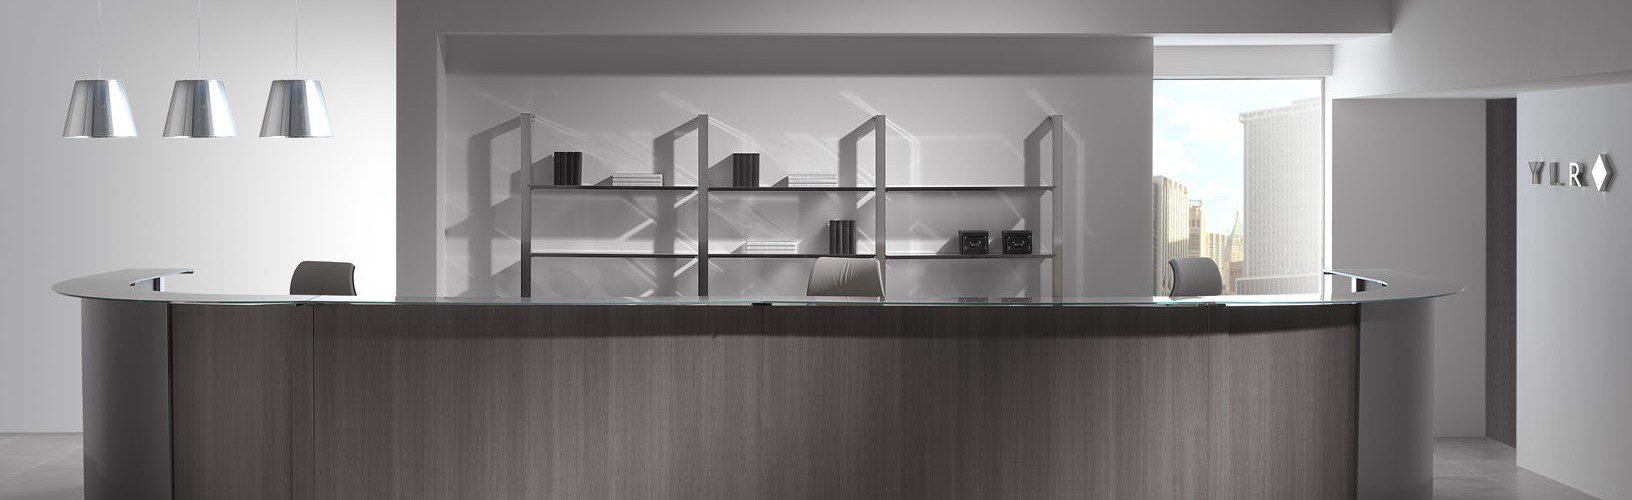 Mobiliario de oficina mostrador | Muebles de oficina Spacio